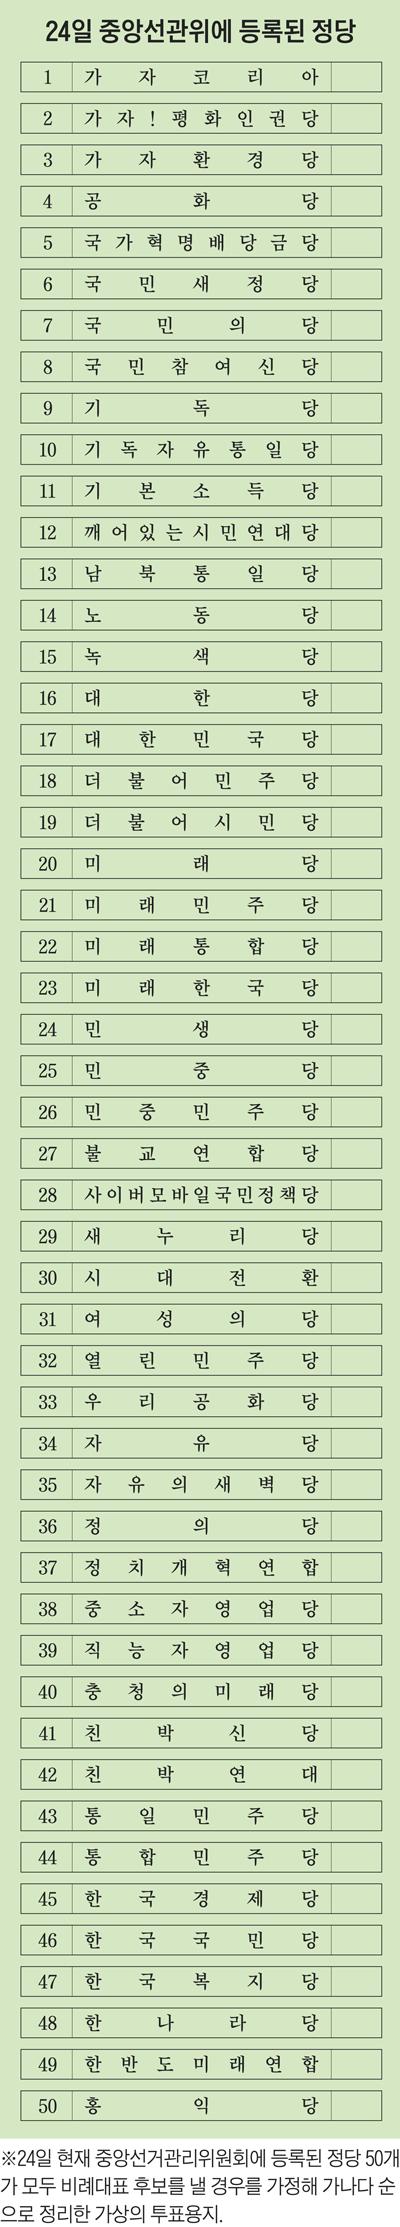 24일 중앙선관위에 등록된 정당